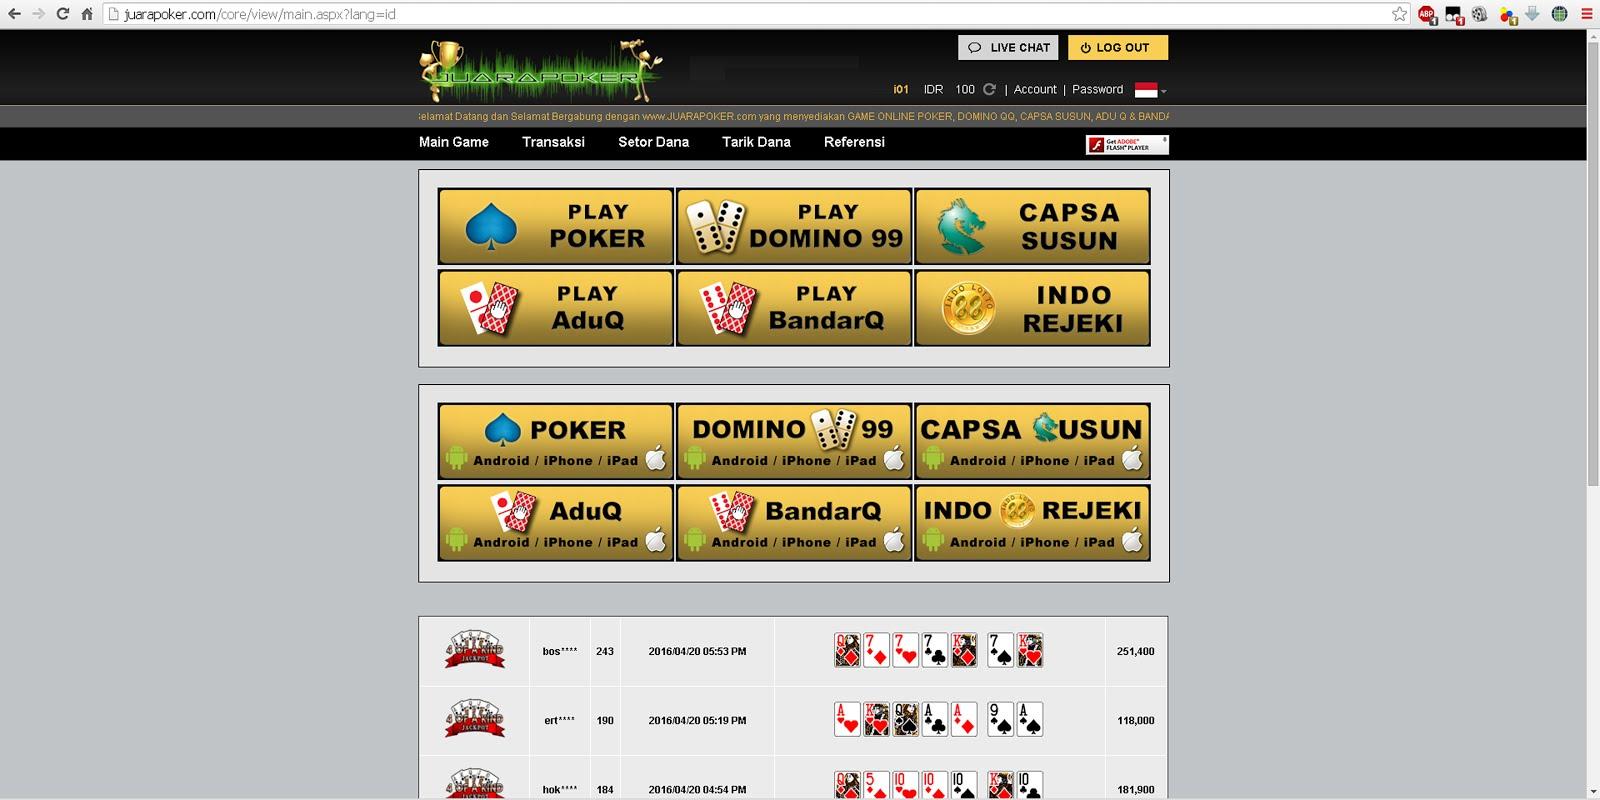 Juara Poker Uang Asli Rupiah Langkah Langkah Pendaftaran Cara Bermain Juara Poker